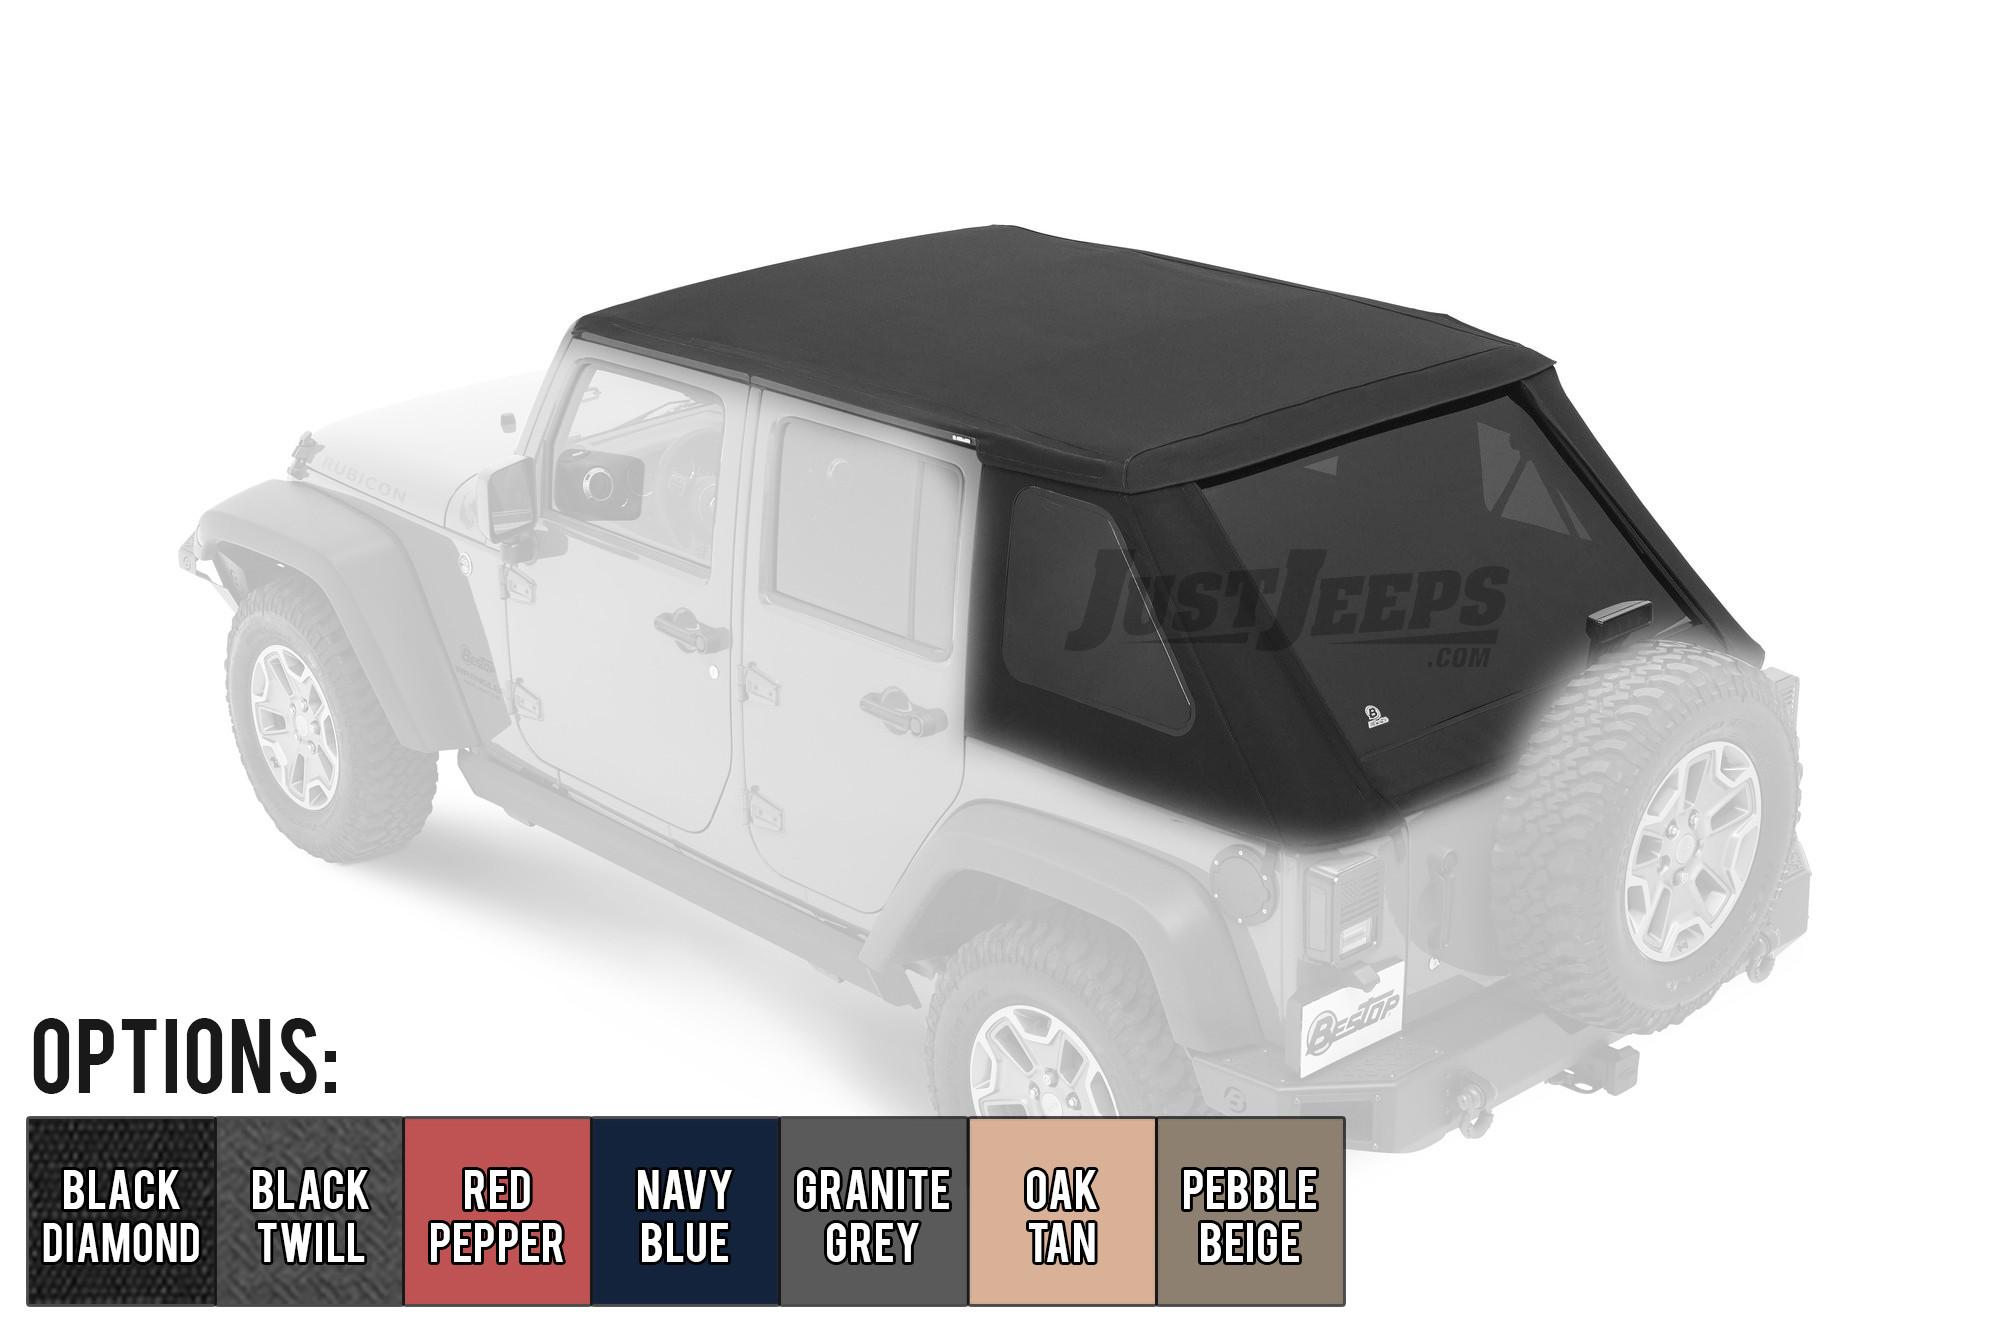 Bestop Trektop NX Plus With Tinted Windows For 2007-18 Jeep Wrangler JK Unlimited 4 Door Models